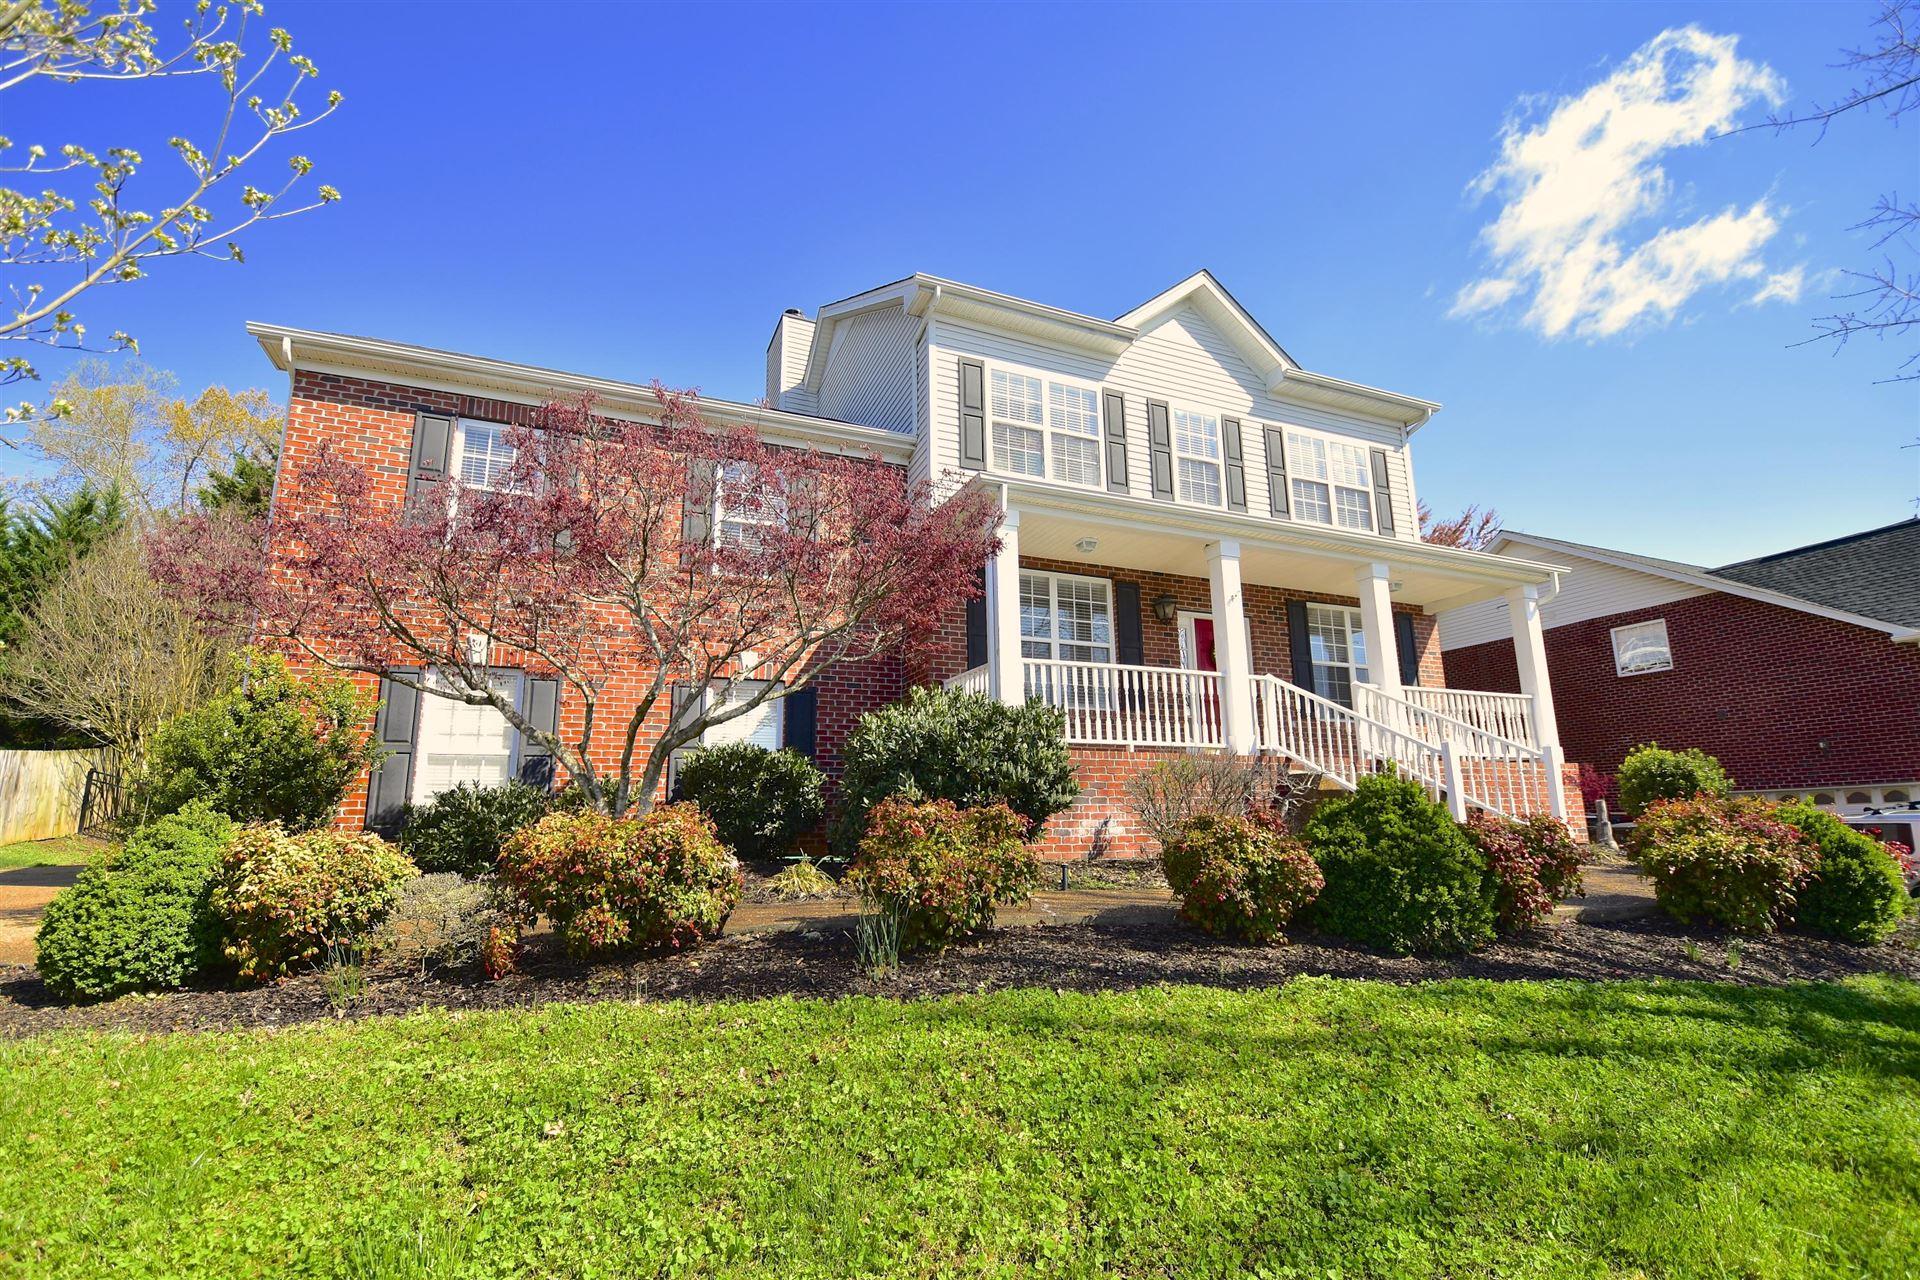 Photo of 12731 Heathland Drive, Knoxville, TN 37934 (MLS # 1148413)